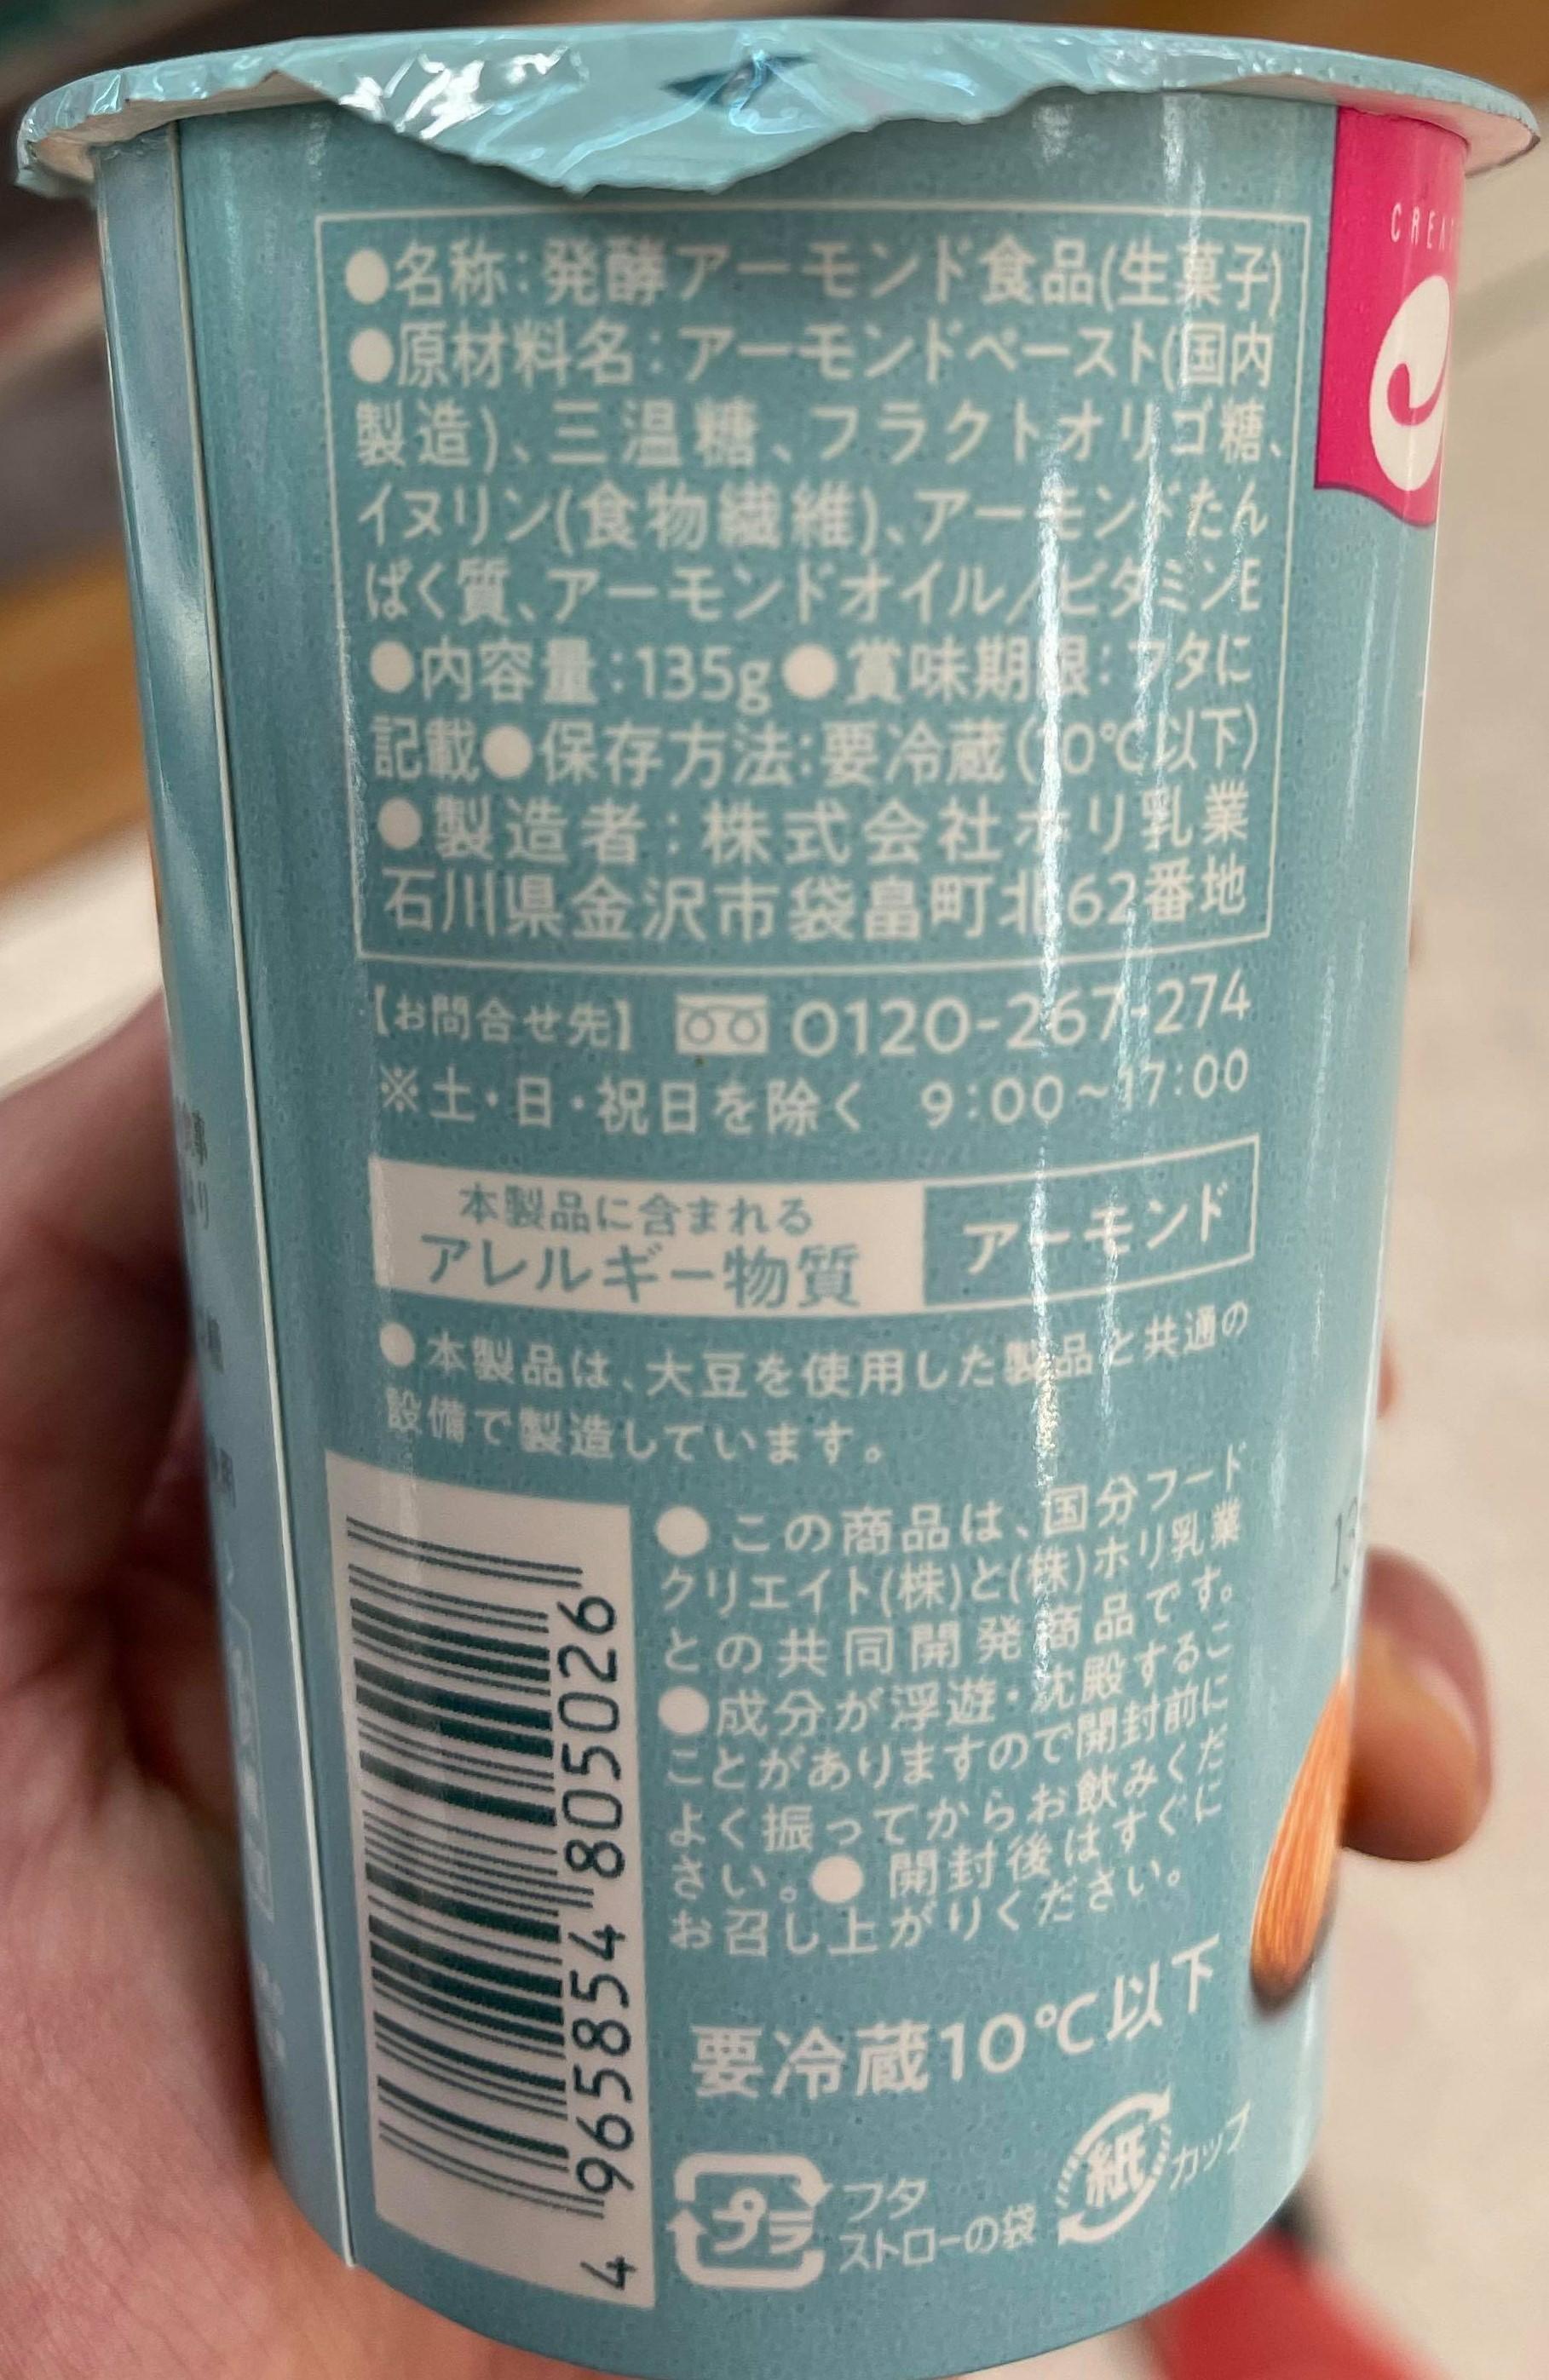 Almond Milk Yogurt Drink ingredient list